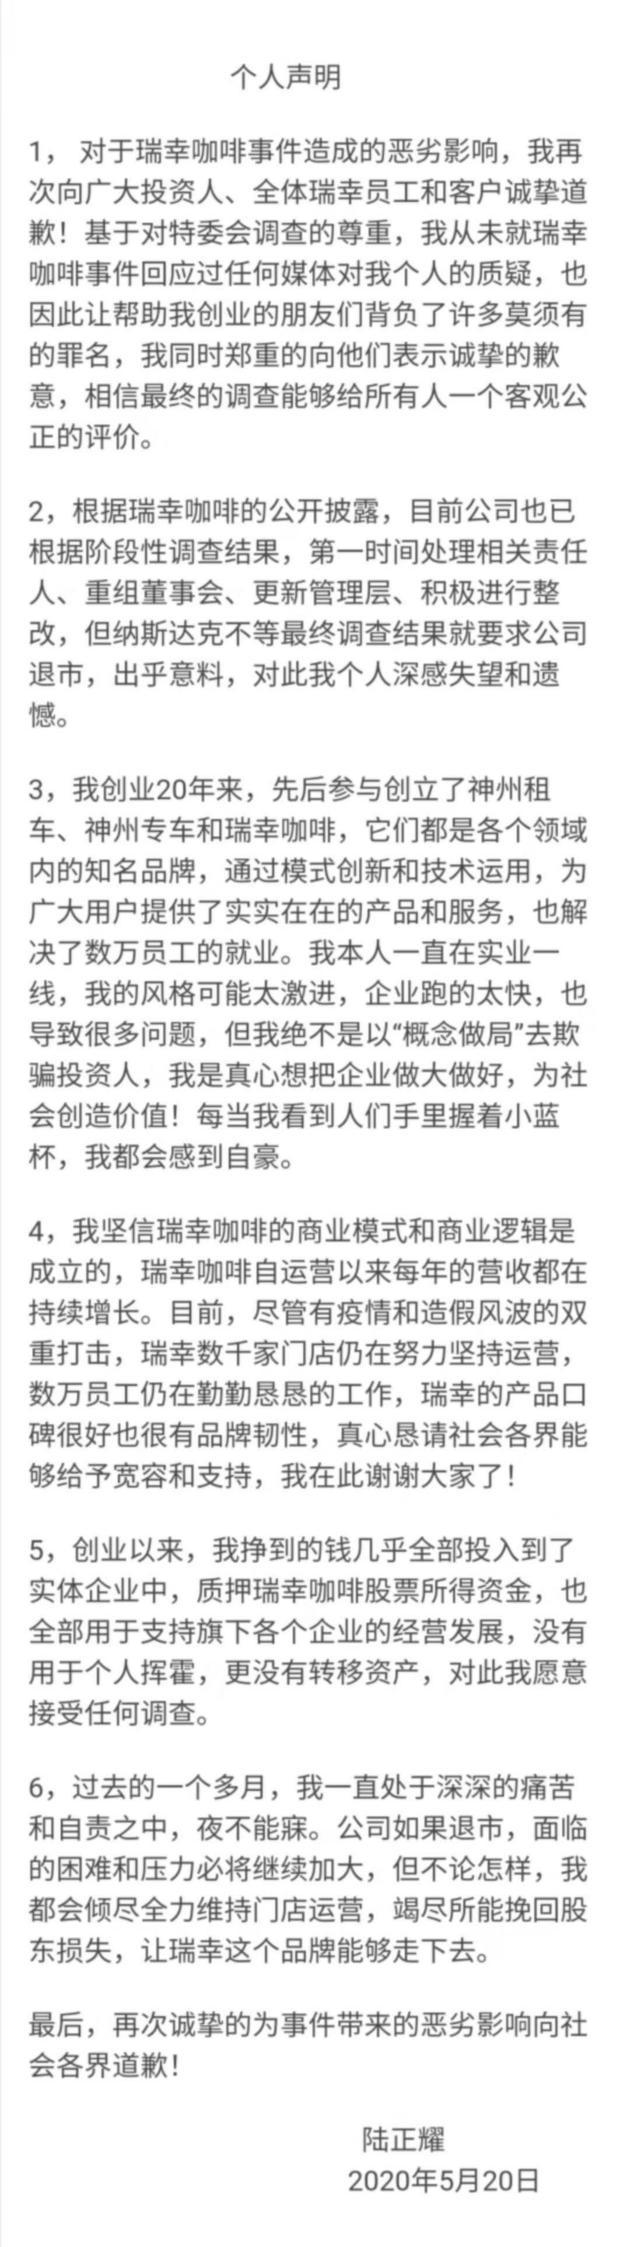 陆正耀:我没有个人挥霍更没有转移资产 愿接受任何调查